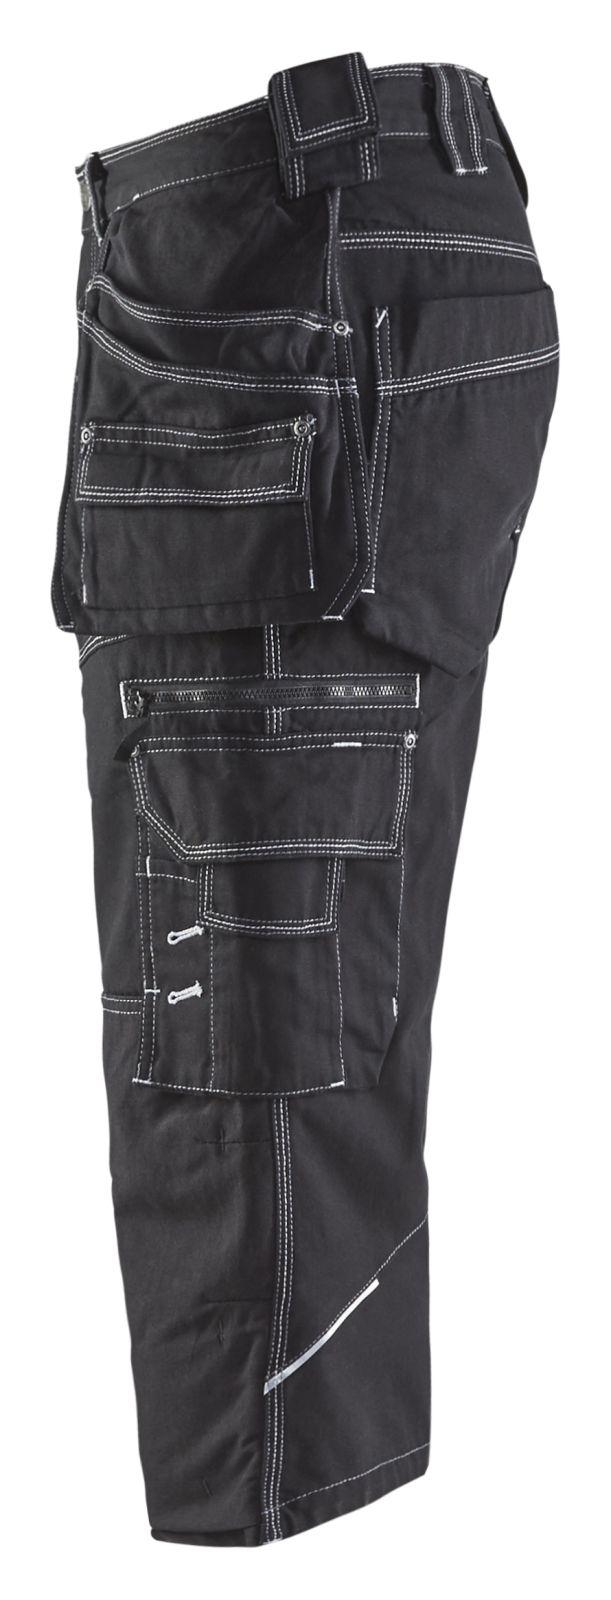 Blaklader Broeken 19621310 zwart(9900)